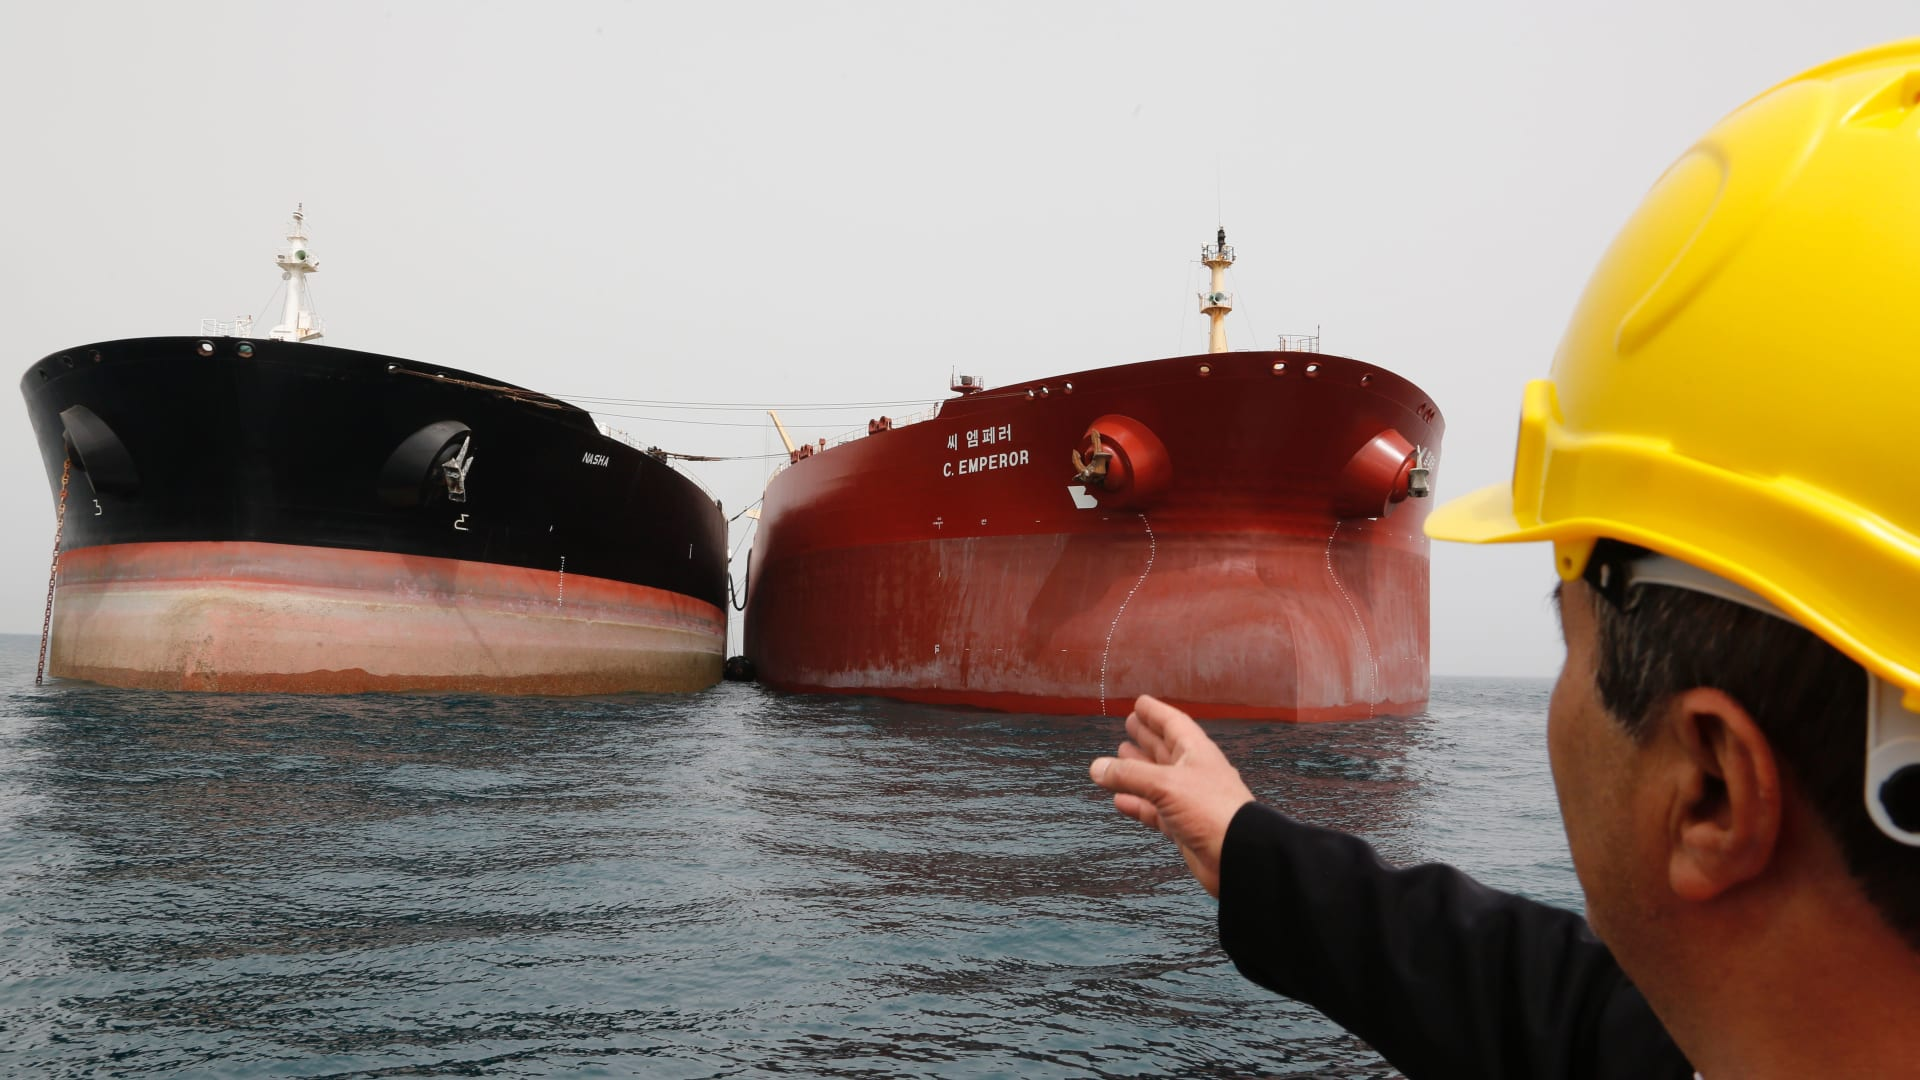 وقف تصدير النفط الإيراني.. من يستفيد؟